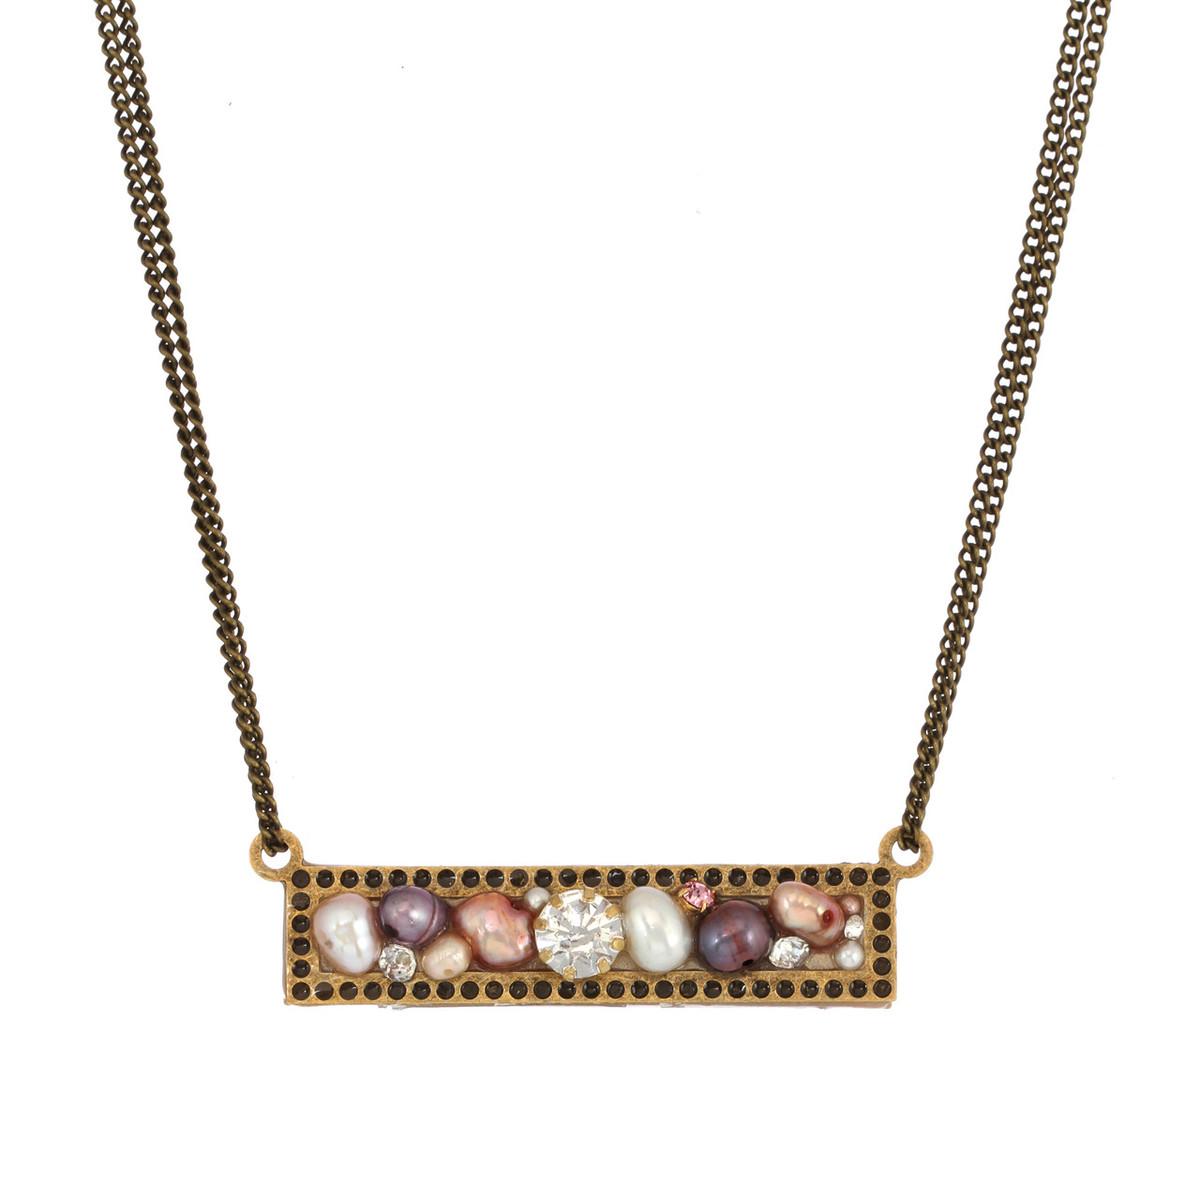 Michal Golan Jewelry Sideways Bar Necklace